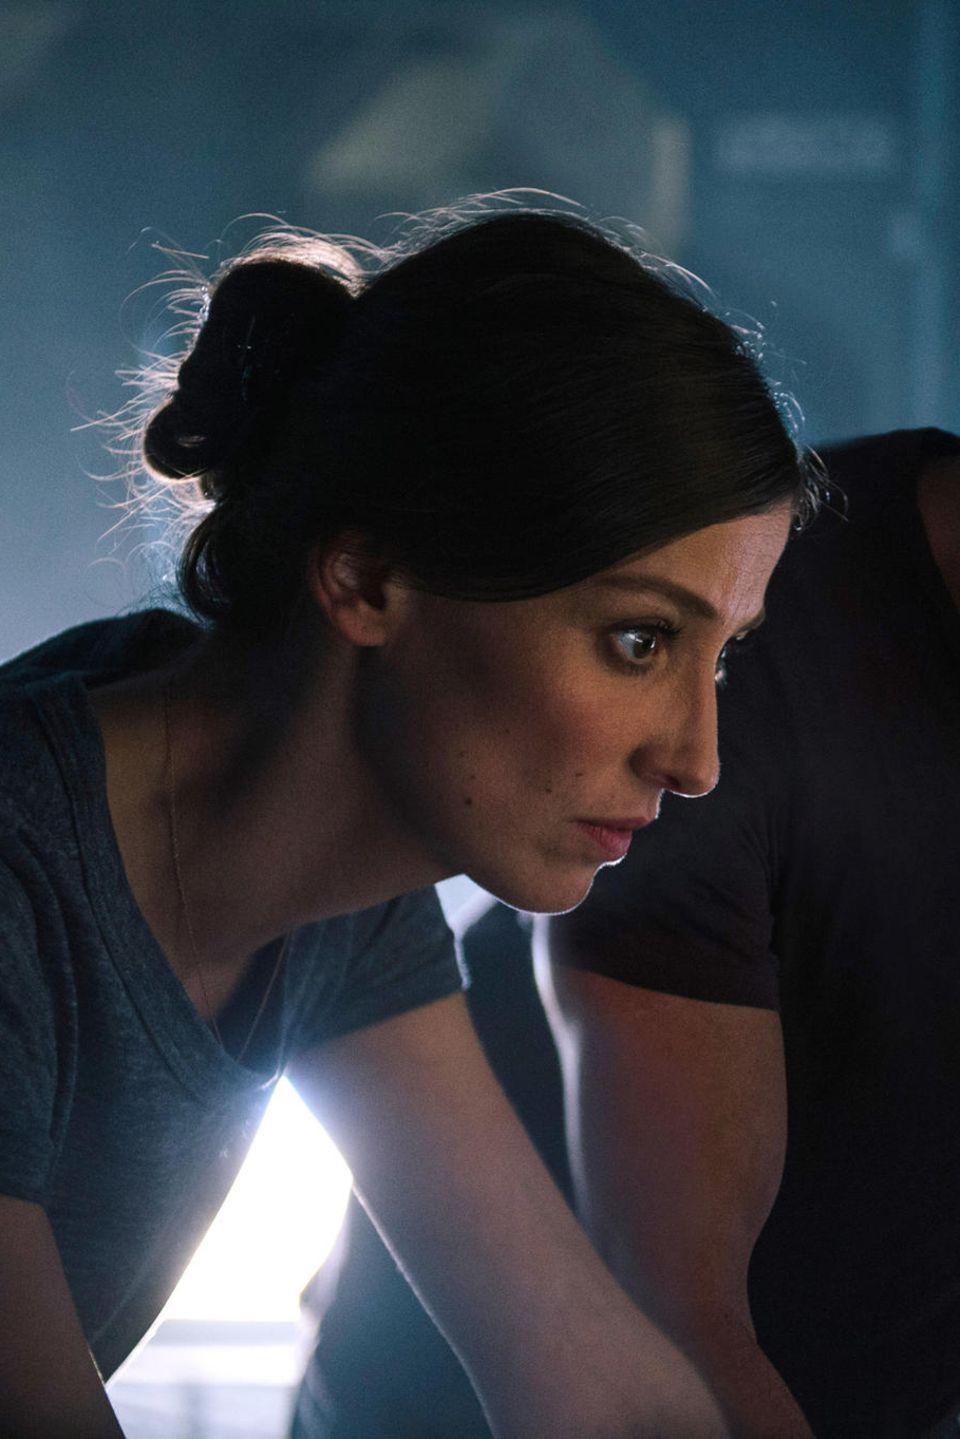 """Jetzt im Kino: Im Science-Fiction-Thriller """"Geostorm"""" spielt Alexandra Maria Lara die Astronautin Ute Fassbinder. Gemeinsam mit Satelliten-Experte Jake Lawson (Gerard Butler) will sie verhindern, dass Naturkatastrophen die Erde vernichten"""